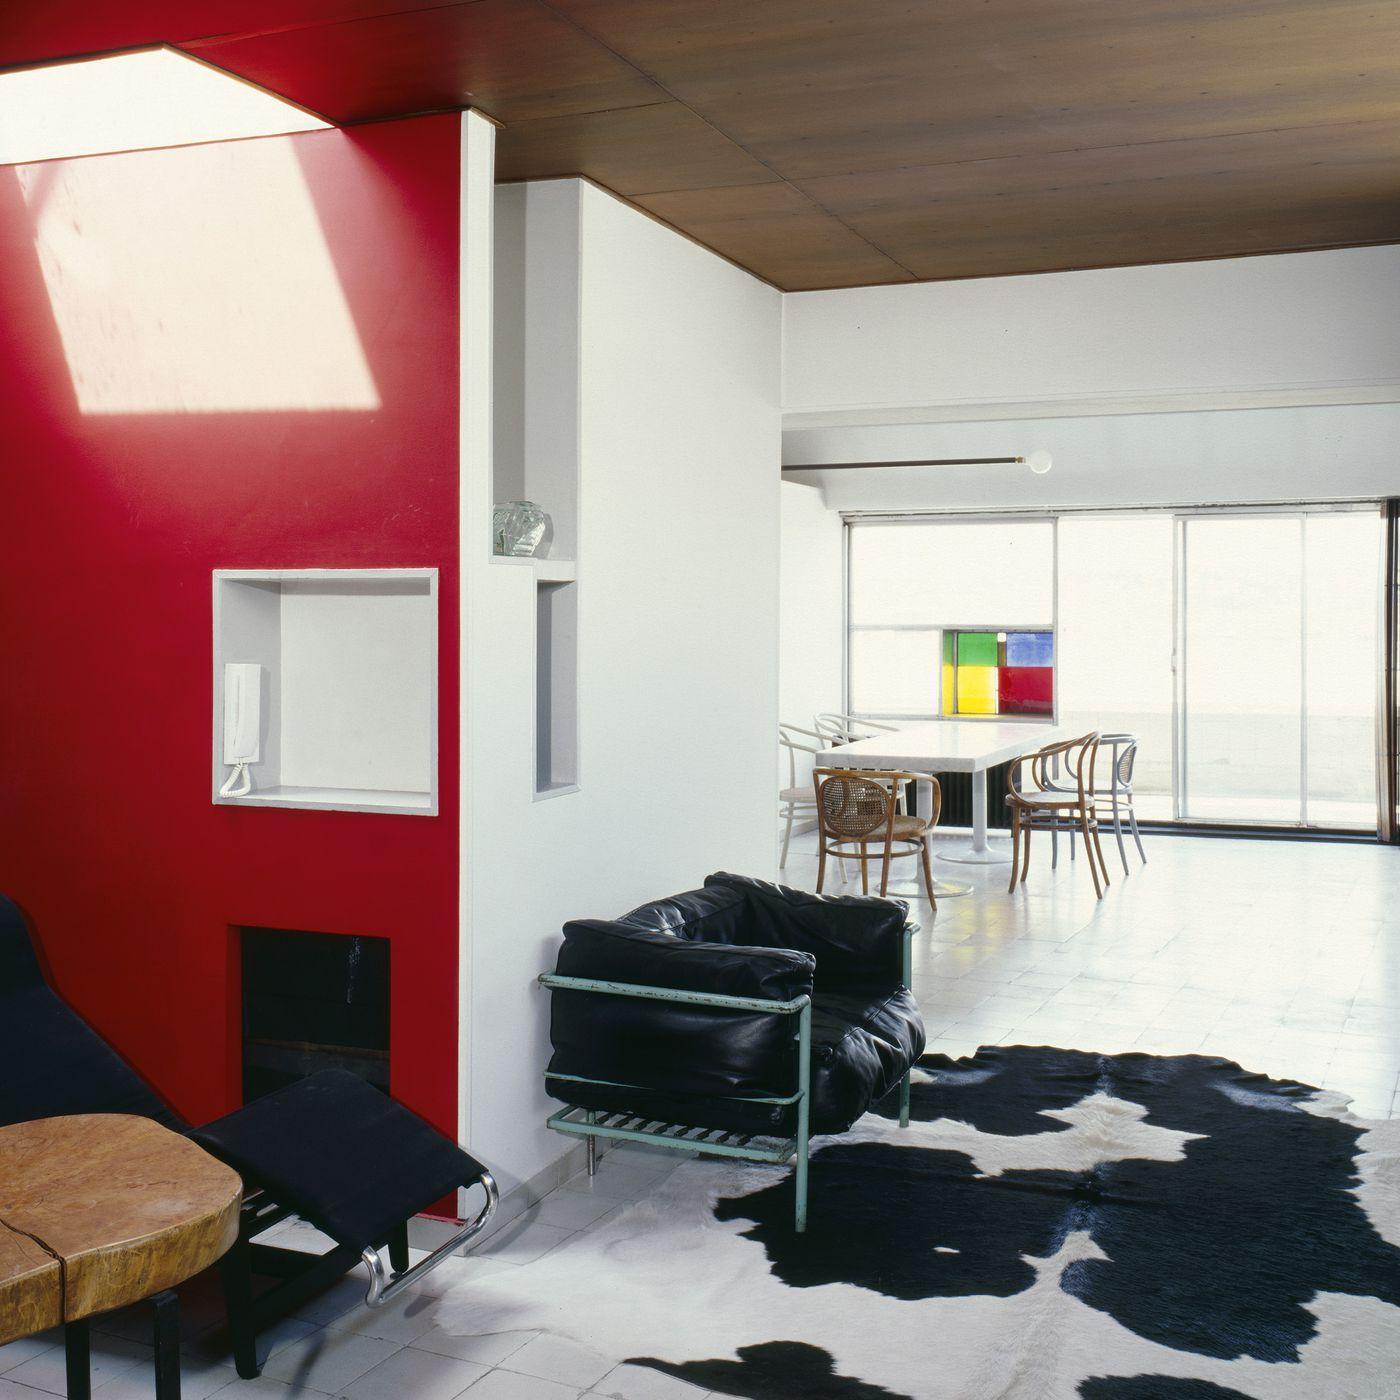 Le Corbusier Les 5 Points visit le corbusier's paris apartment and studio - curbed